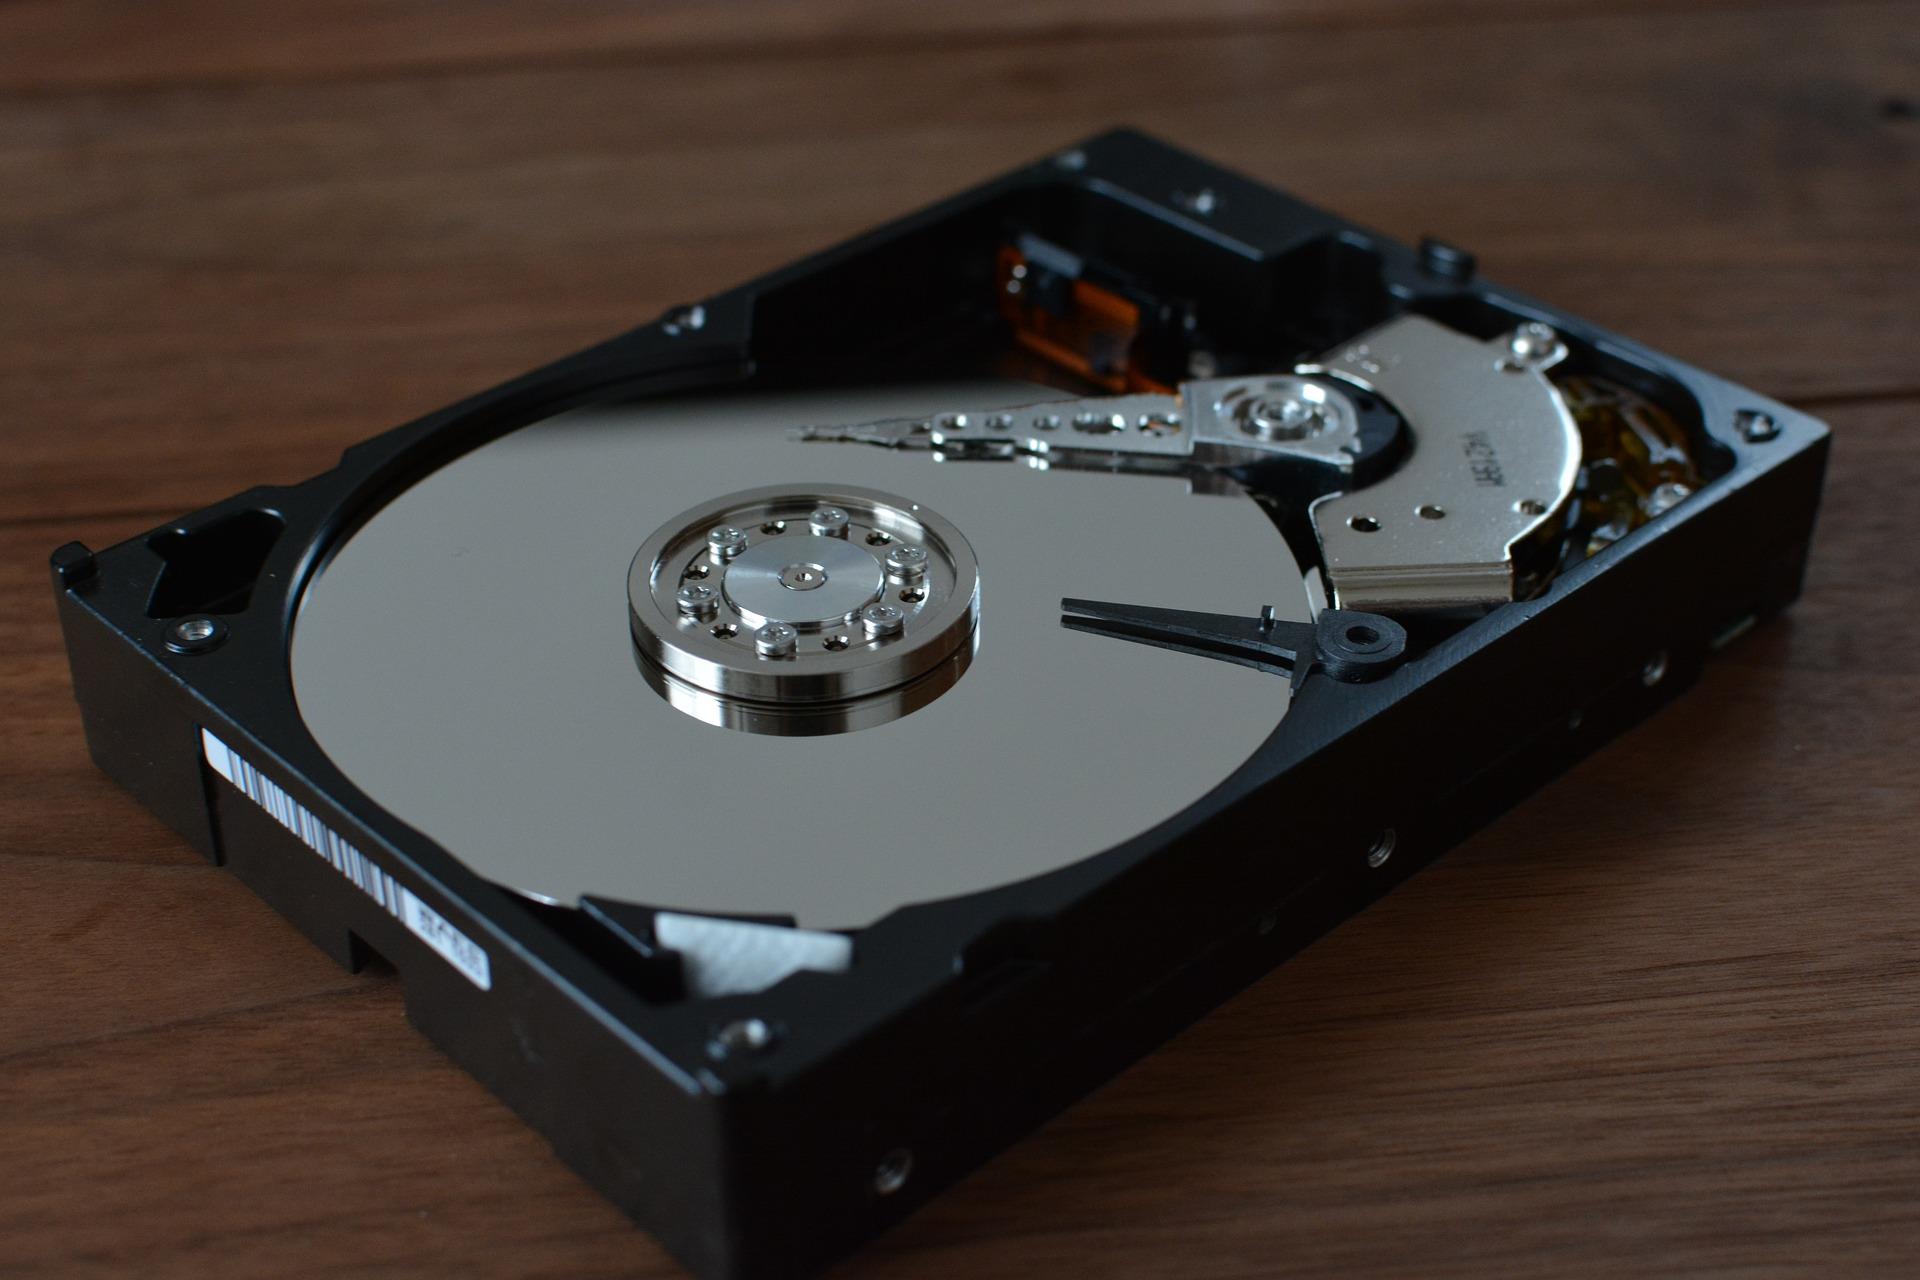 Festplatte abgestürzt! Und jetzt?